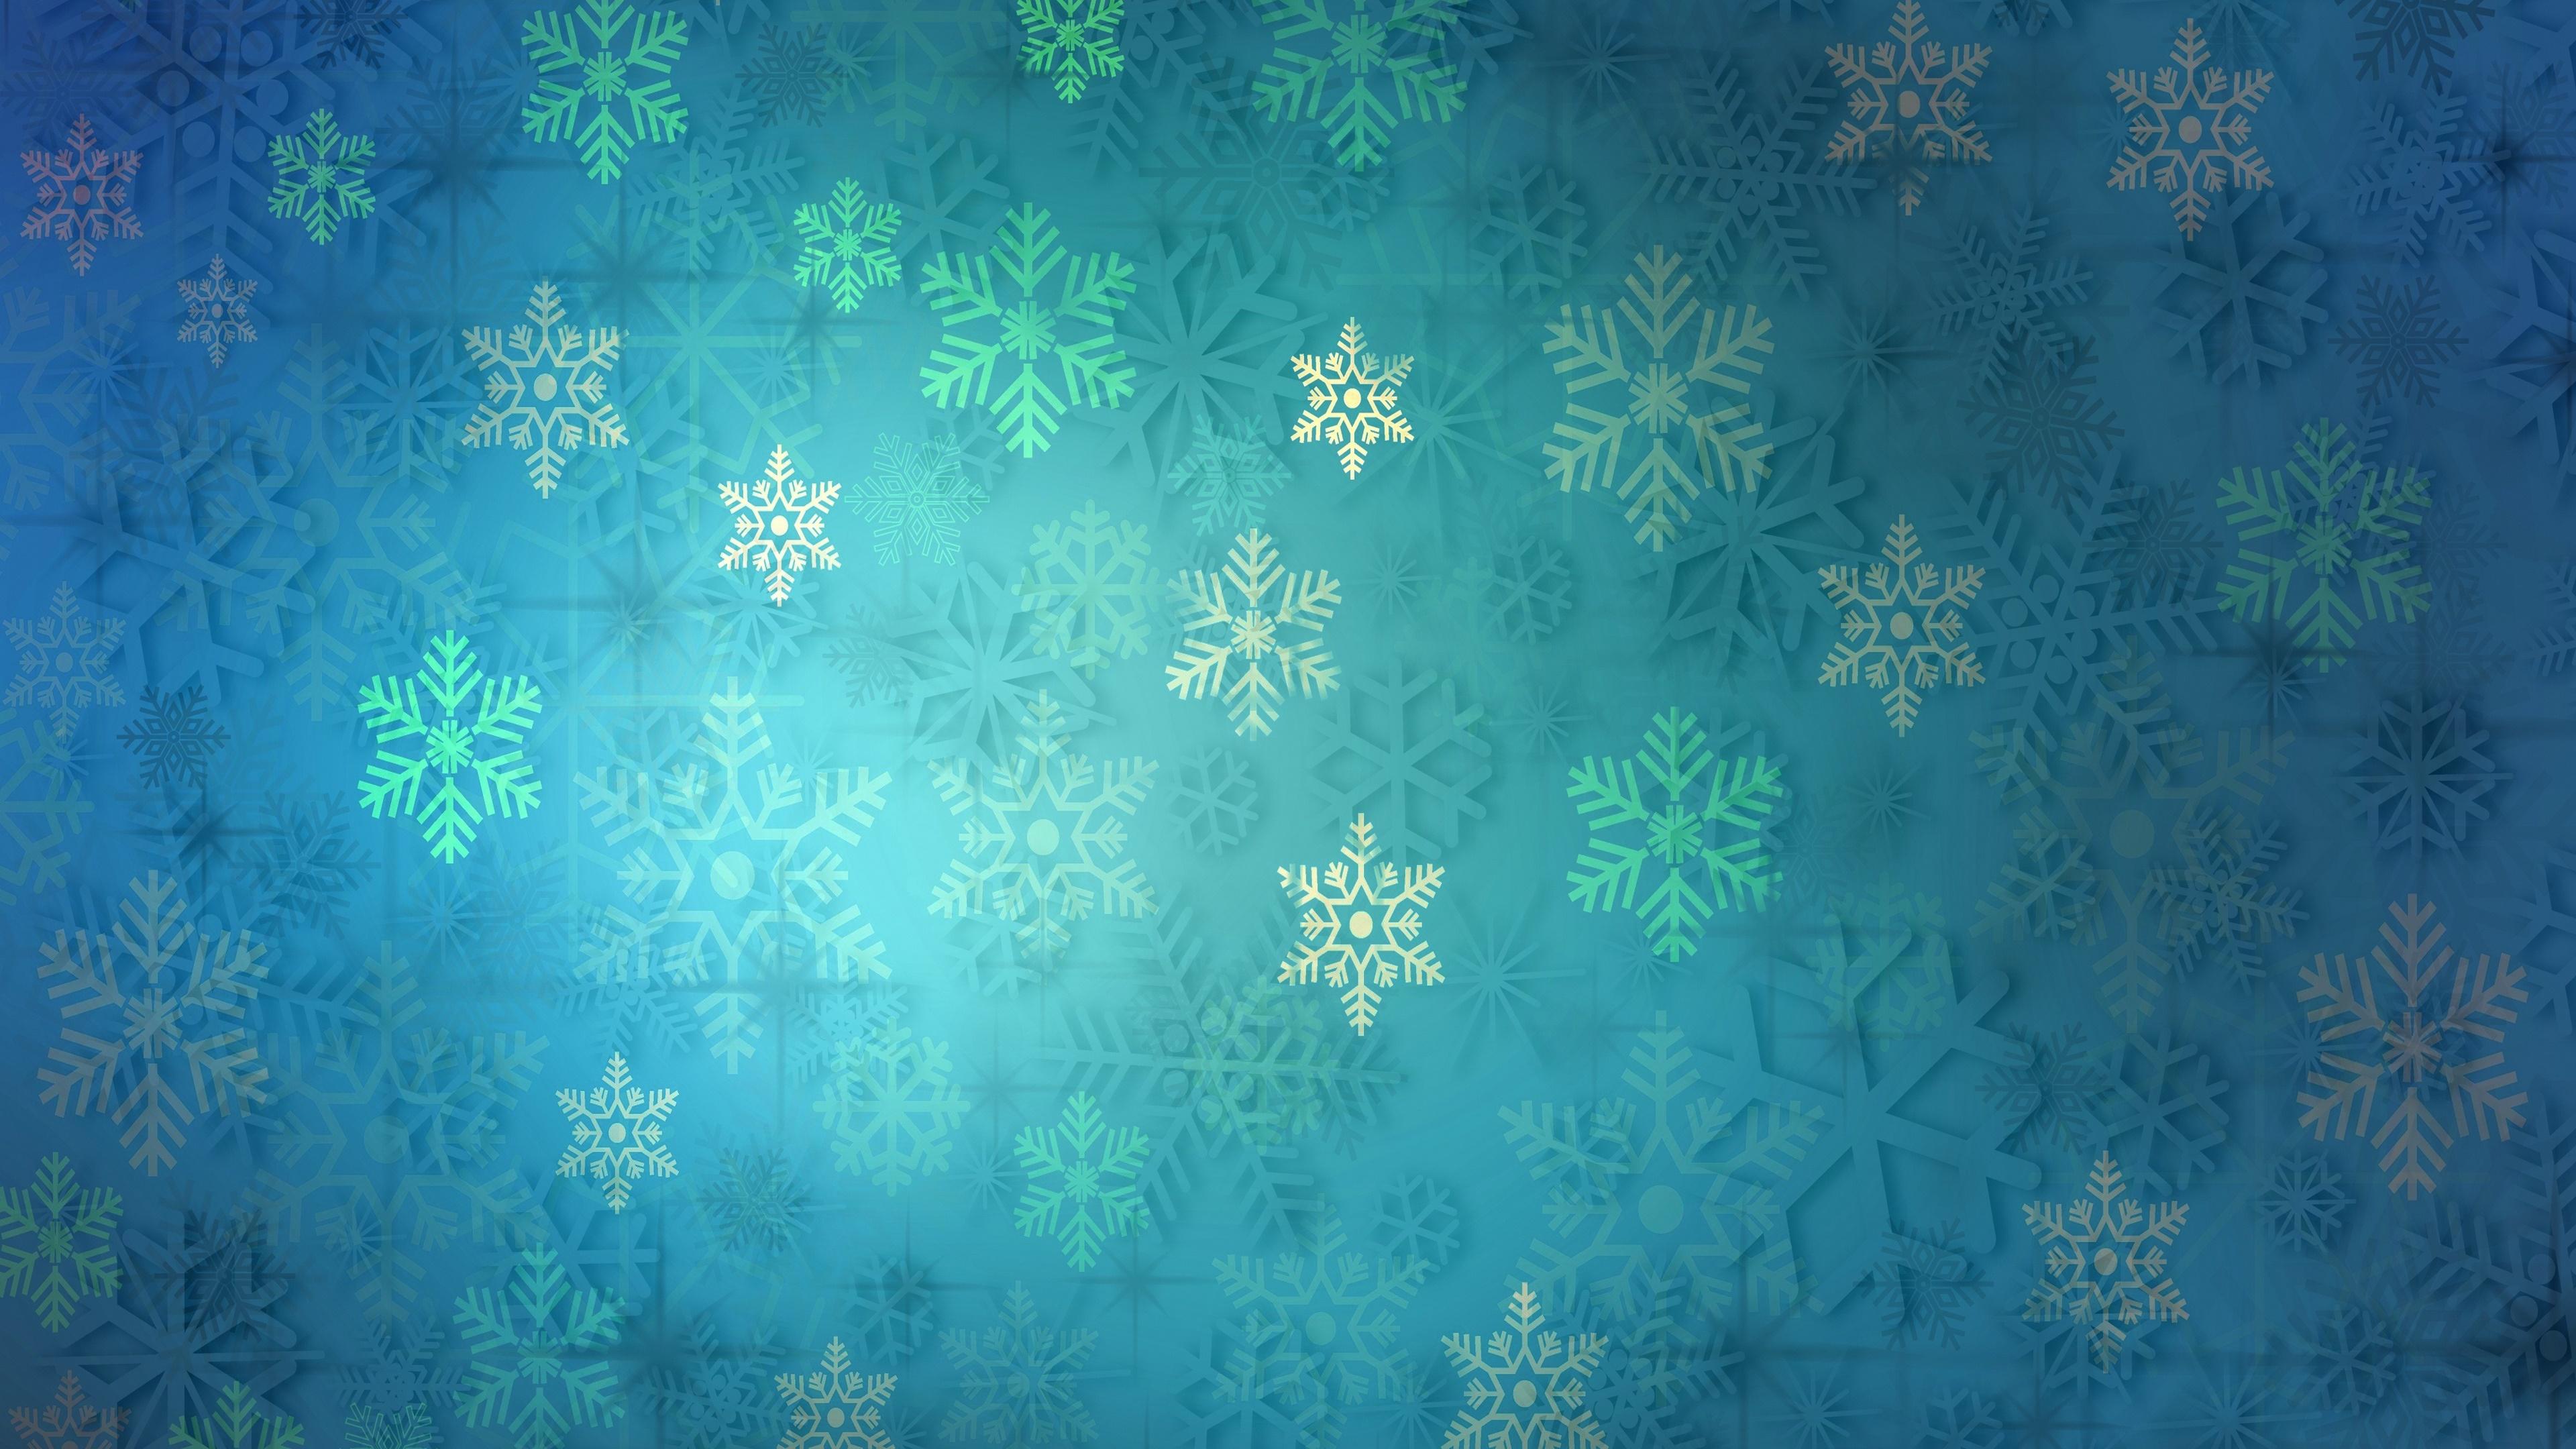 Snowflake pattern wallpaper